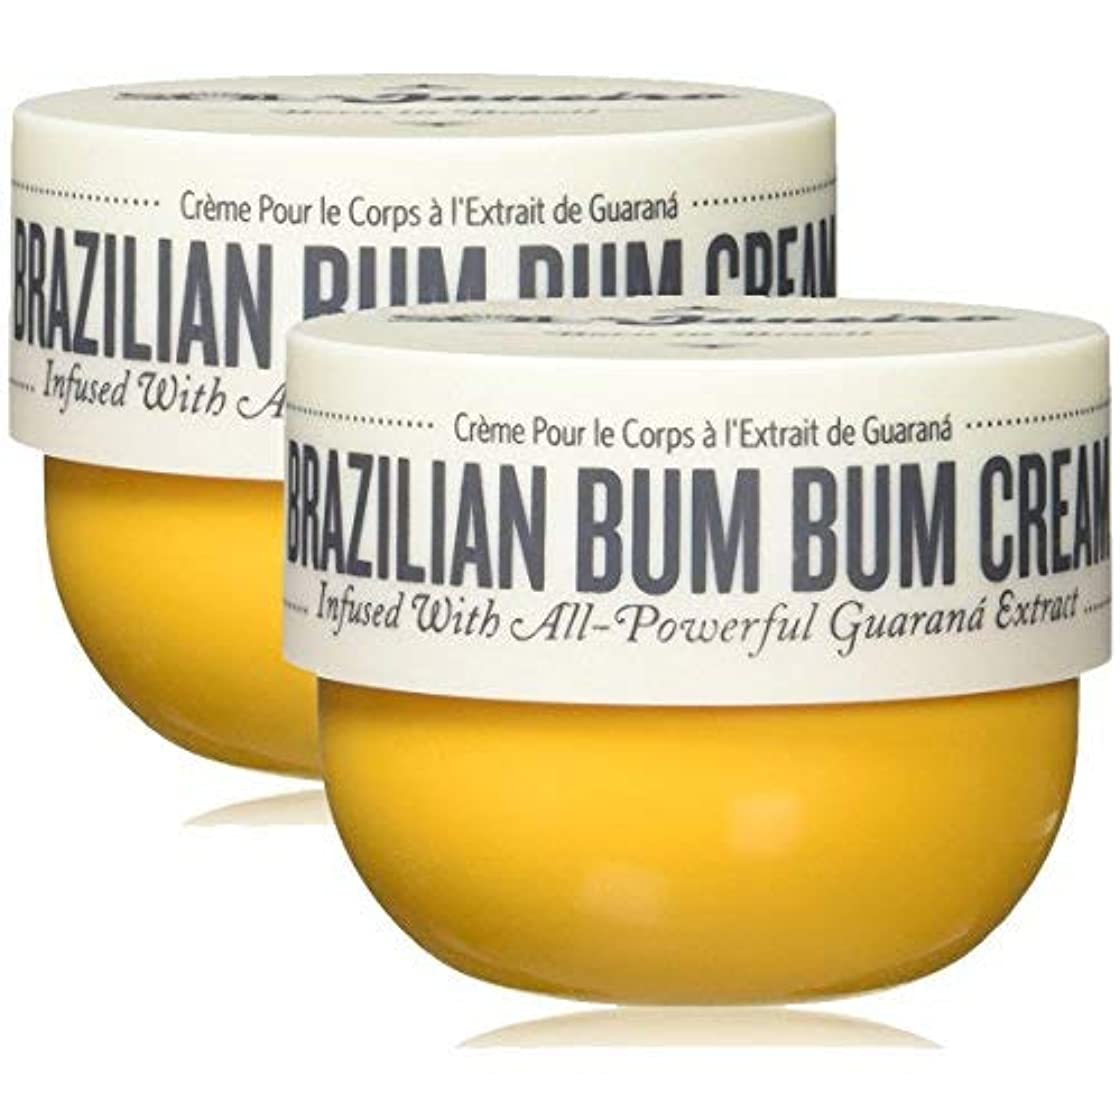 ペンフレンドママ任意Sol De Janeiro Brazilian Bum Bum Cream 8.1oz 2 PACK [並行輸入品]